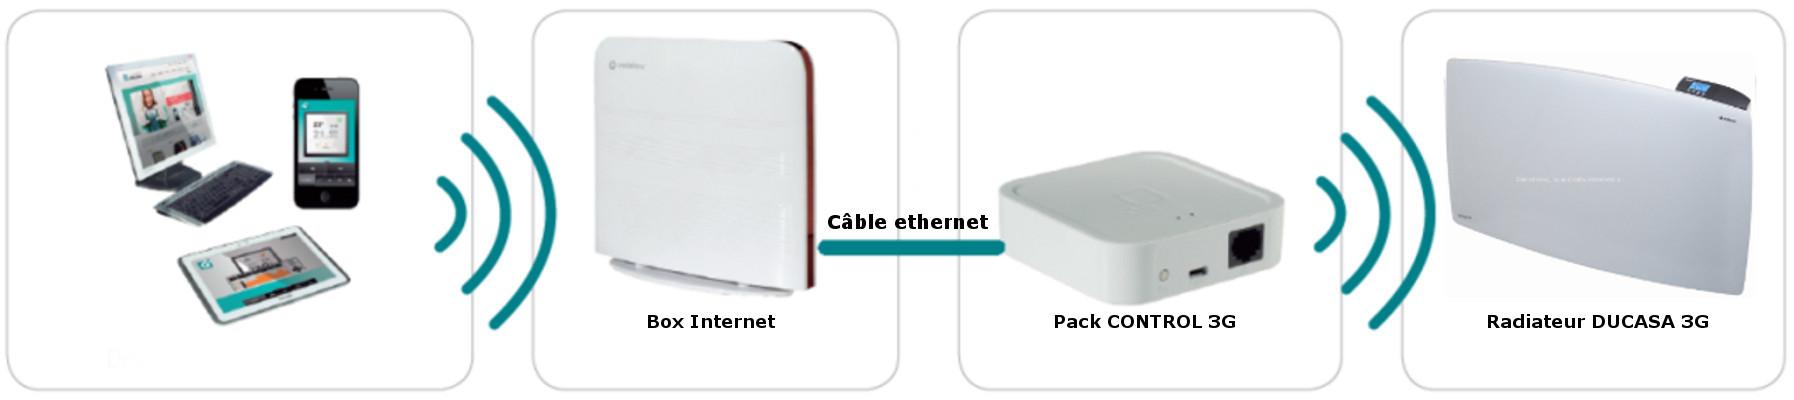 Pack Control 3G DUCASA